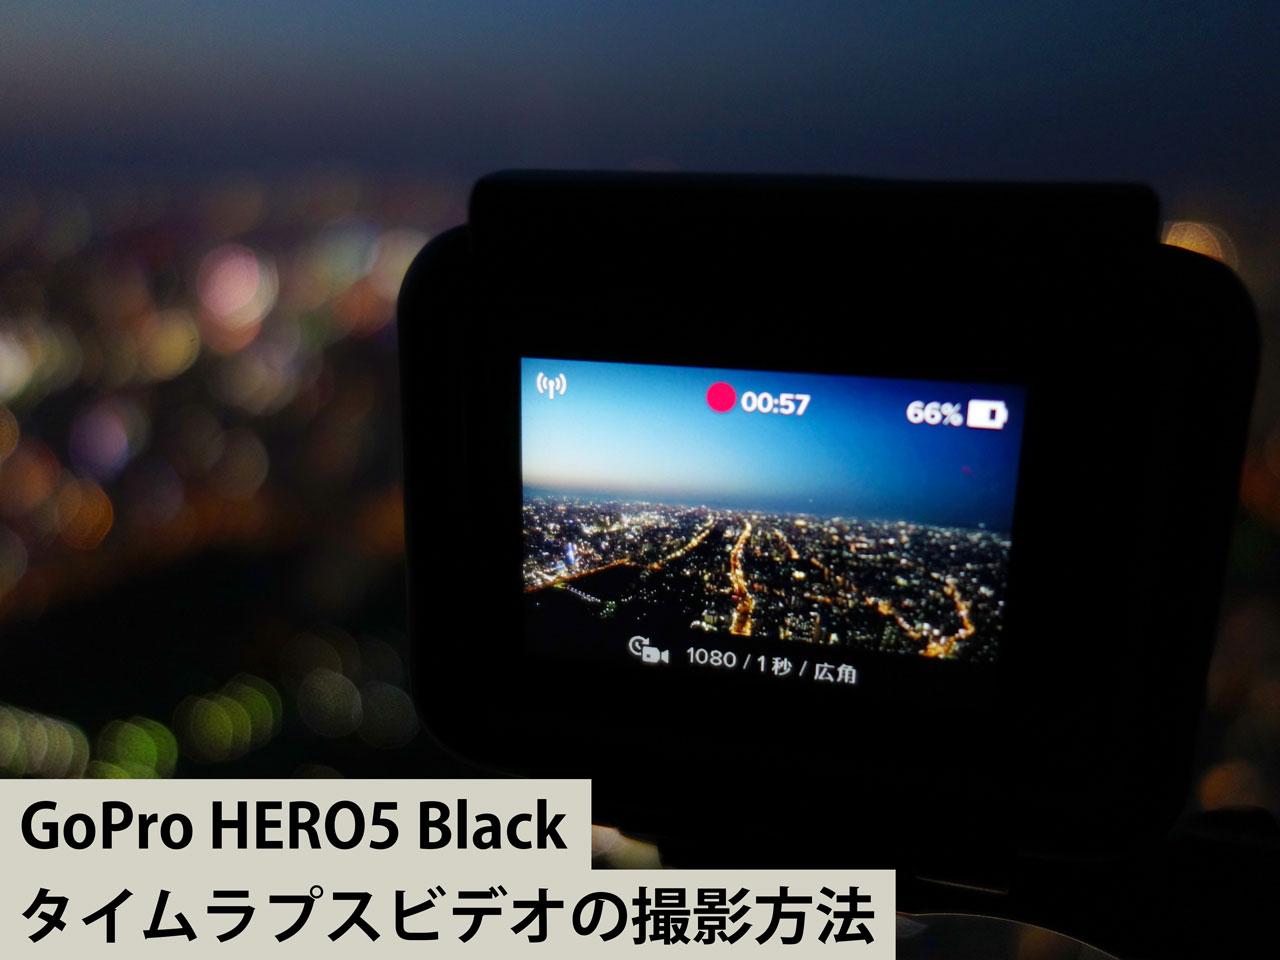 GoPro HERO5 Black タイムラプスビデオの撮影方法について